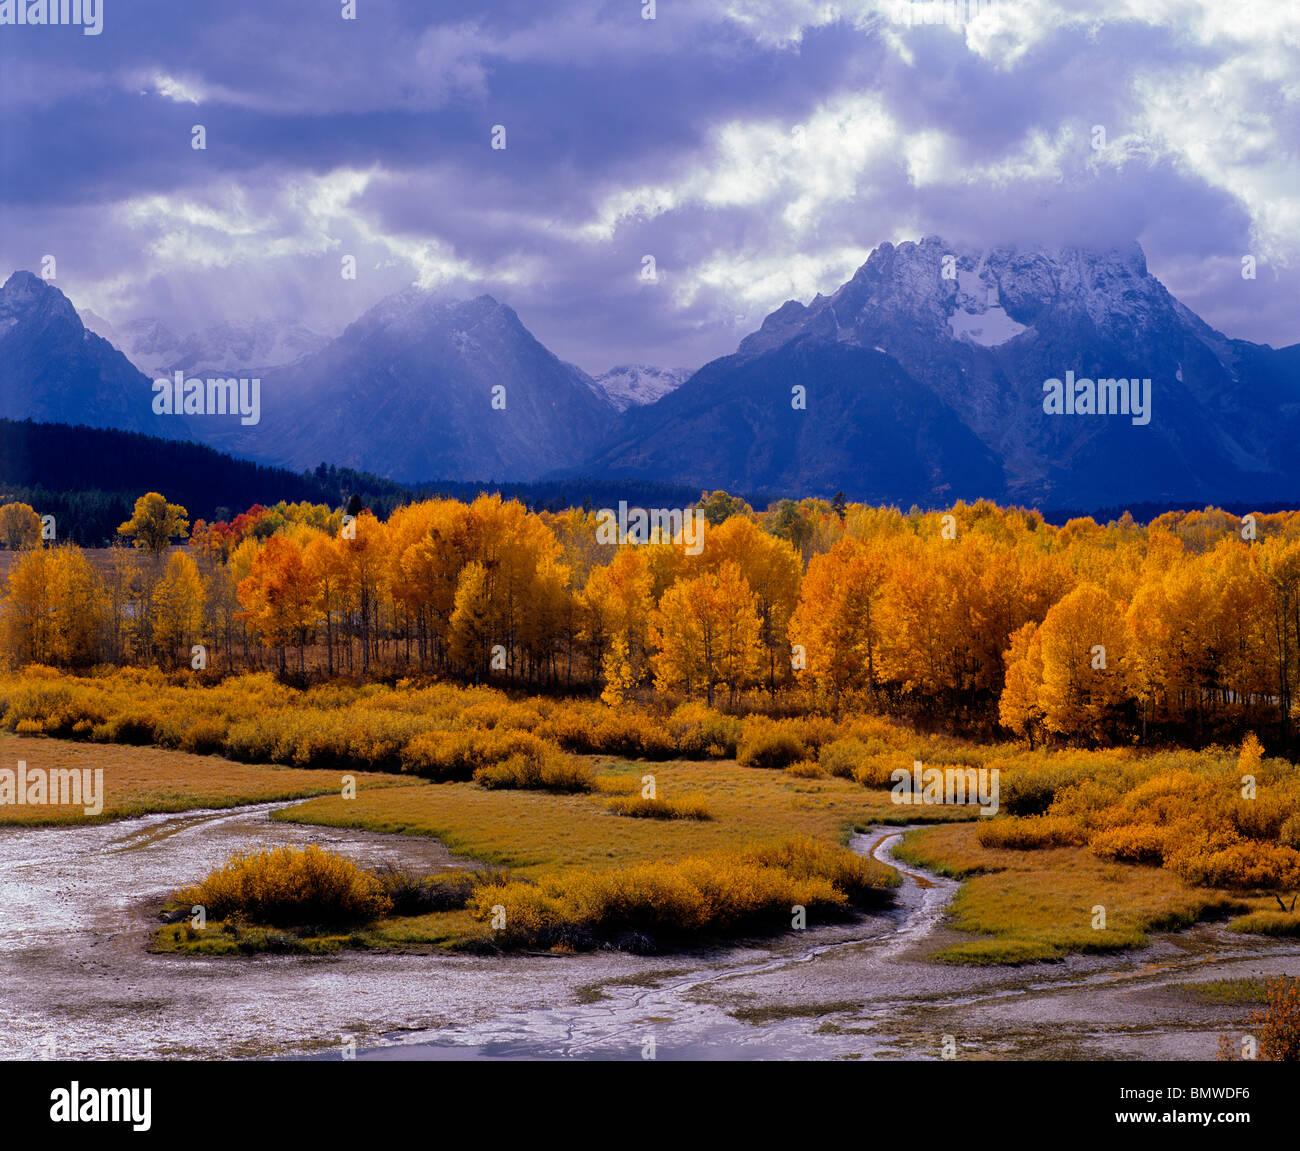 Il Parco Nazionale del Grand Teton, WY i raggi del sole illumina un Aspen Grove at lanca piegare con nuvole temporalesche Immagini Stock